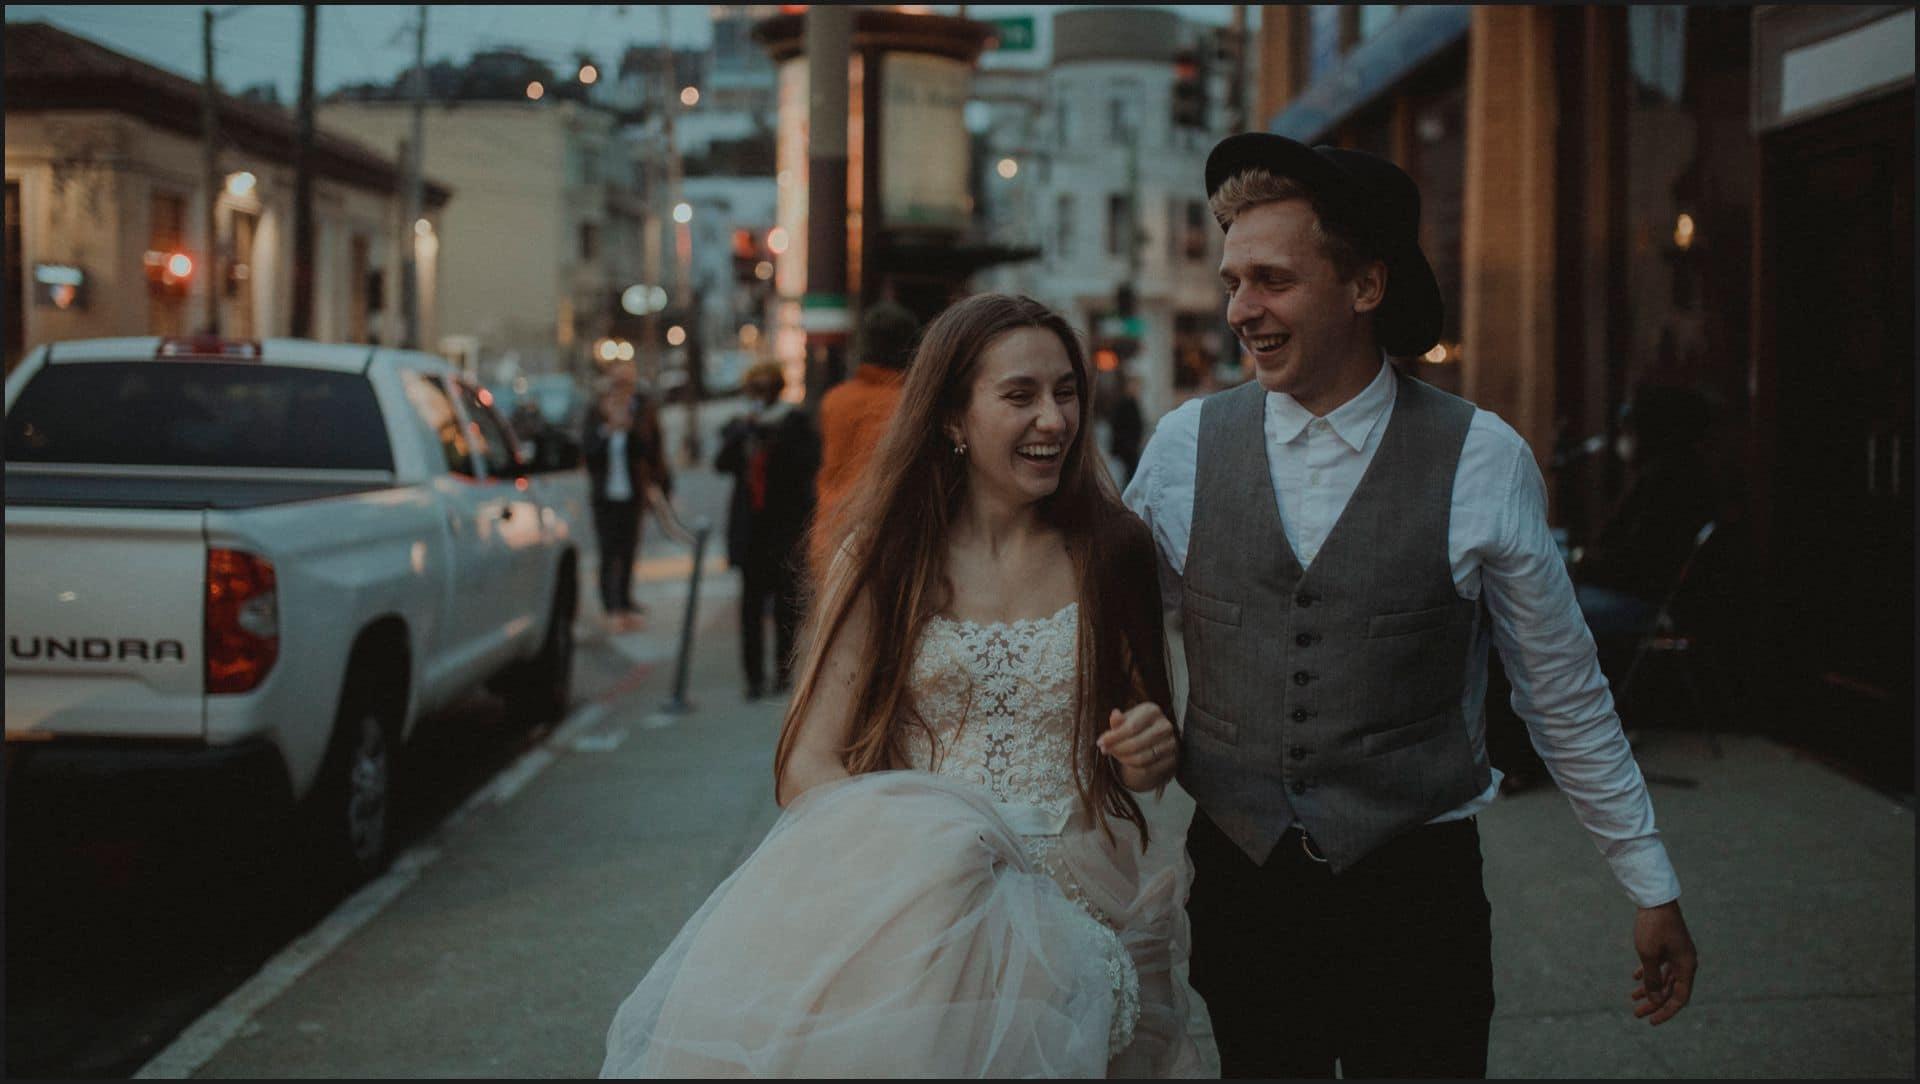 san francisco, california, elopement wedding, candid, happy, bride